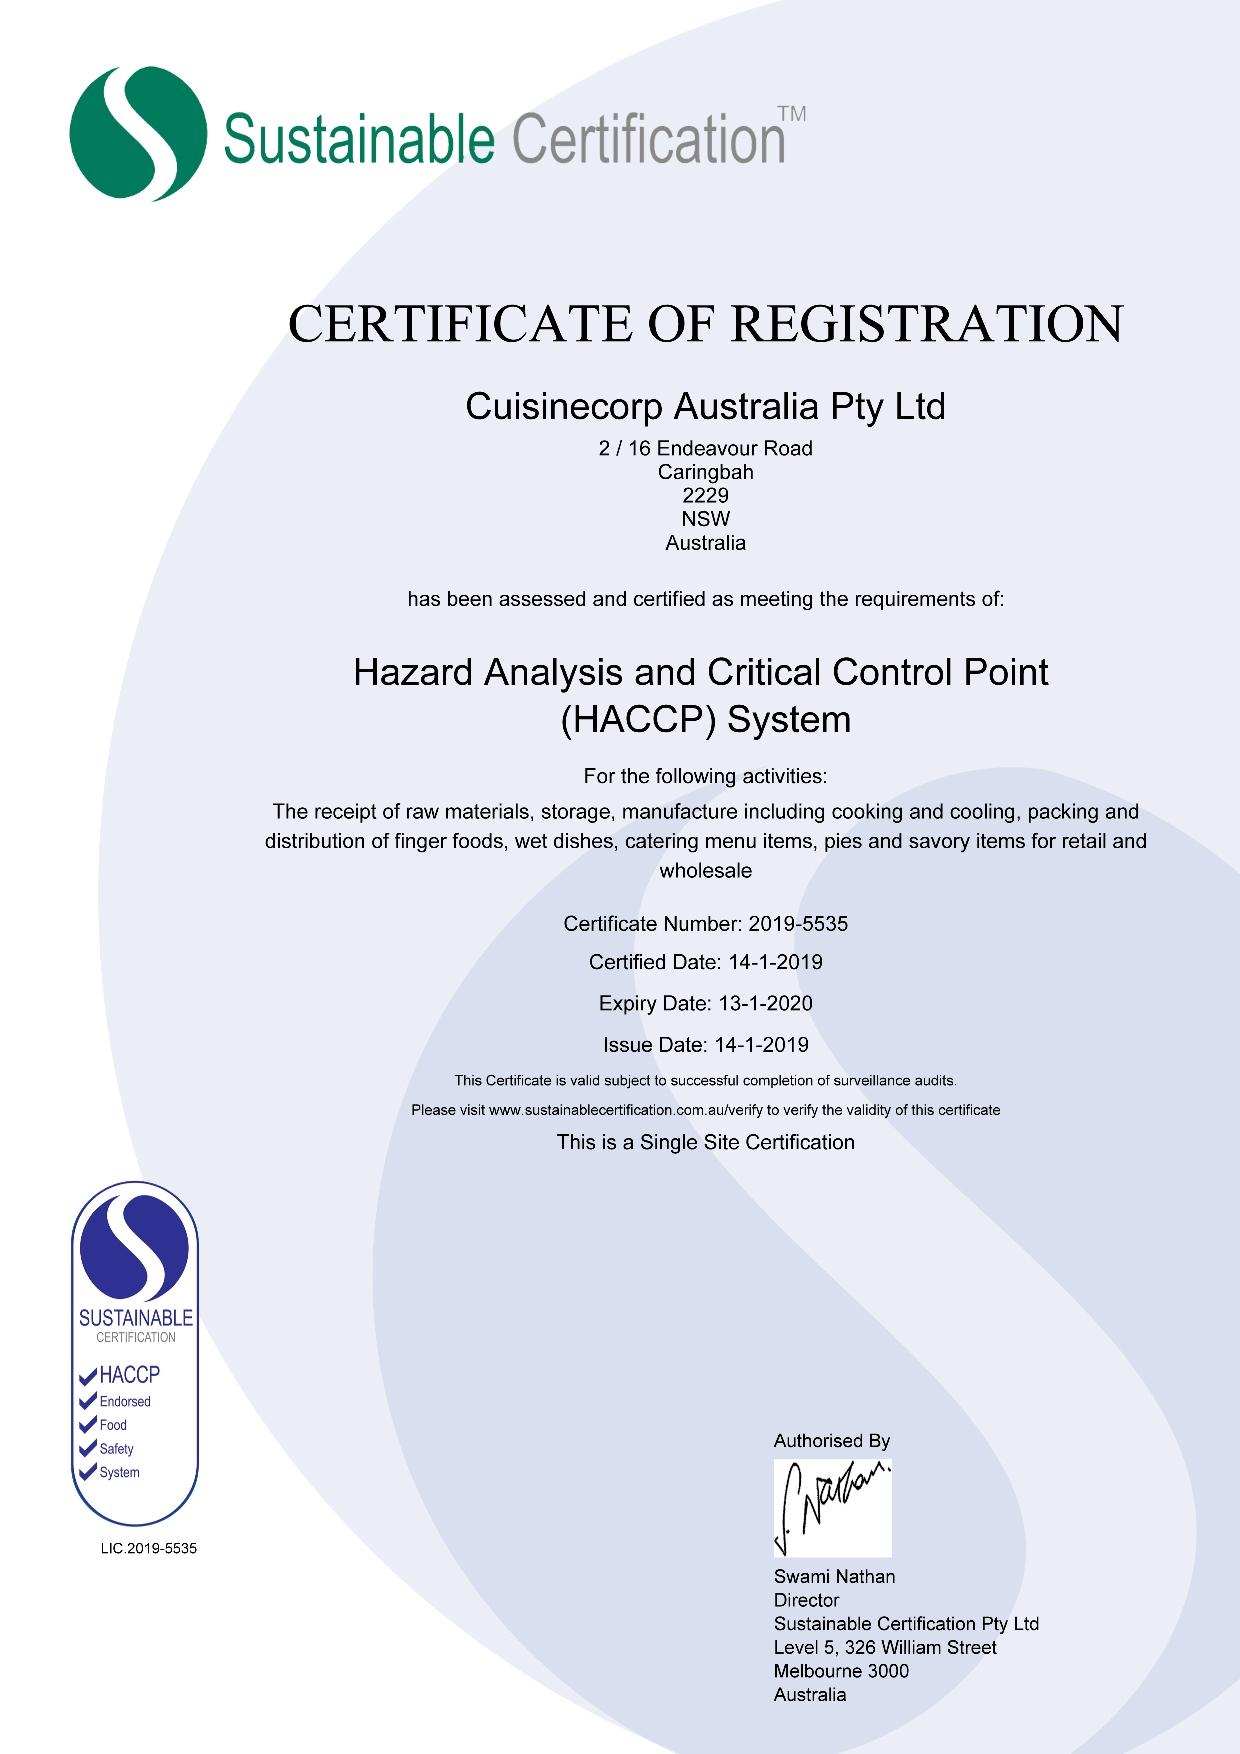 HACCP_CCA_Certificate Expiry 27-1-2019